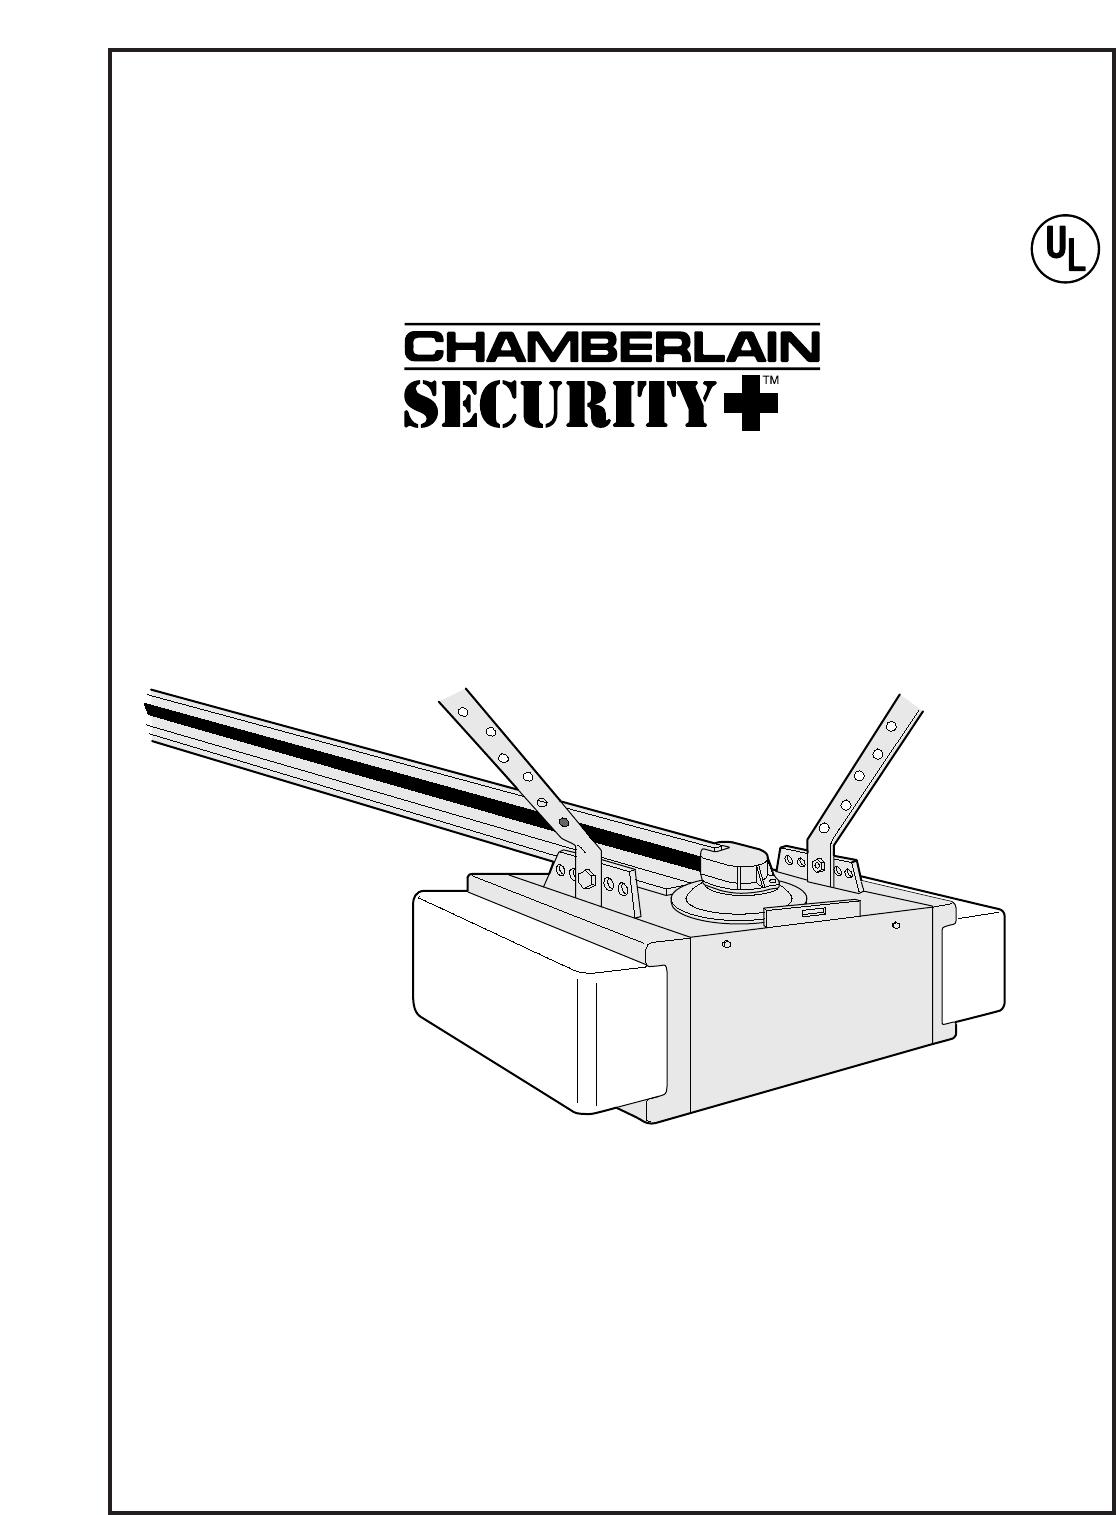 Chamberlain Garage Door Opener 1 2 Hp User Guide